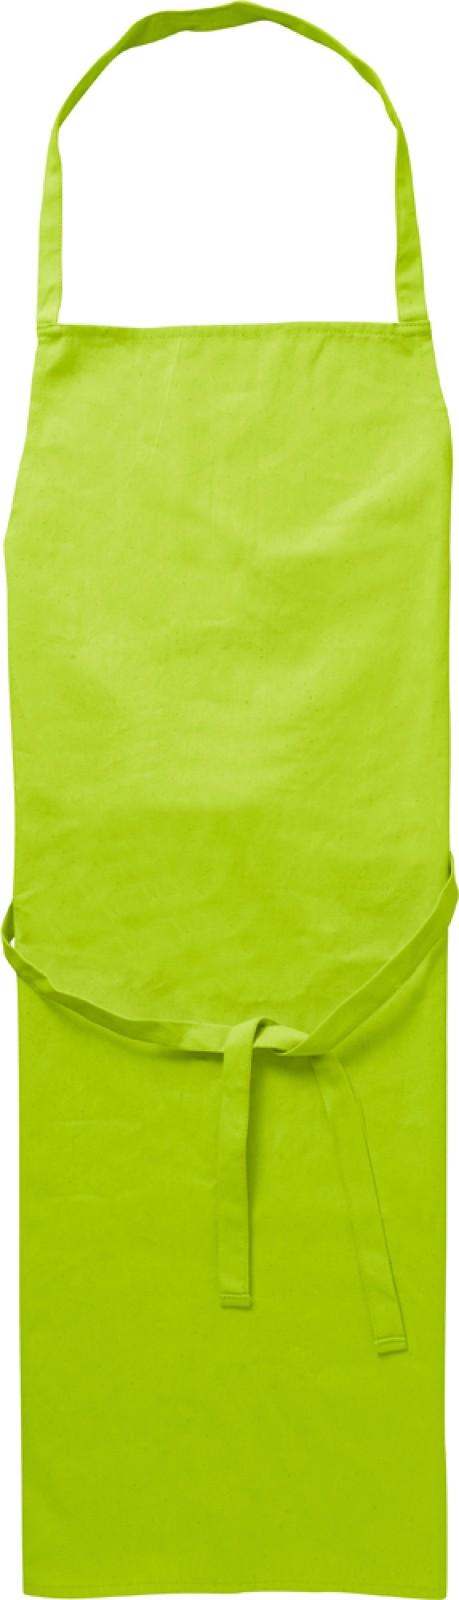 Cotton (180 gr/m²) apron - Lime